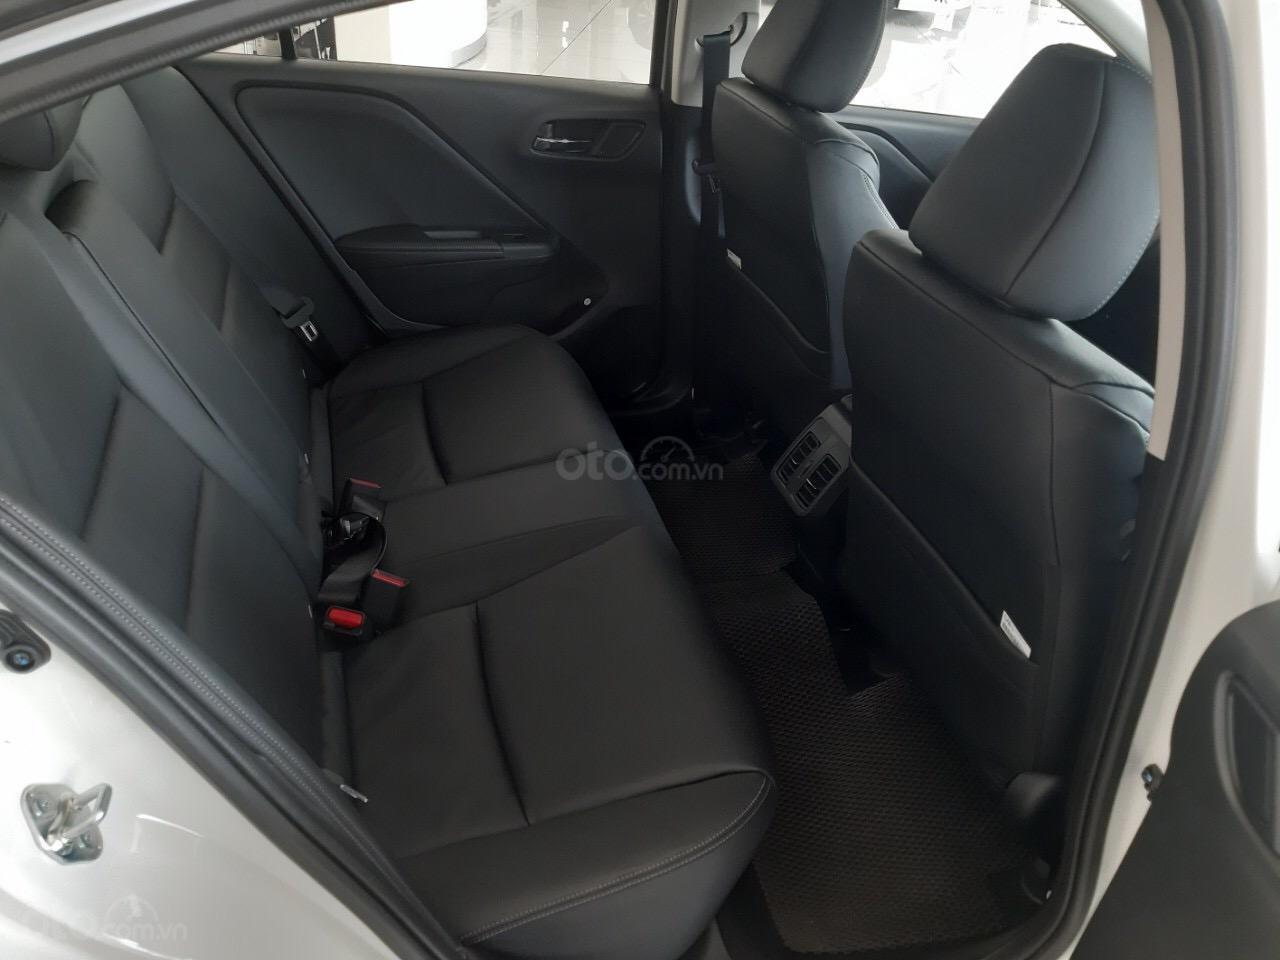 Xe Honda City chính hãng - khuyến mãi lớn - đủ màu - giao xe ngay (2)